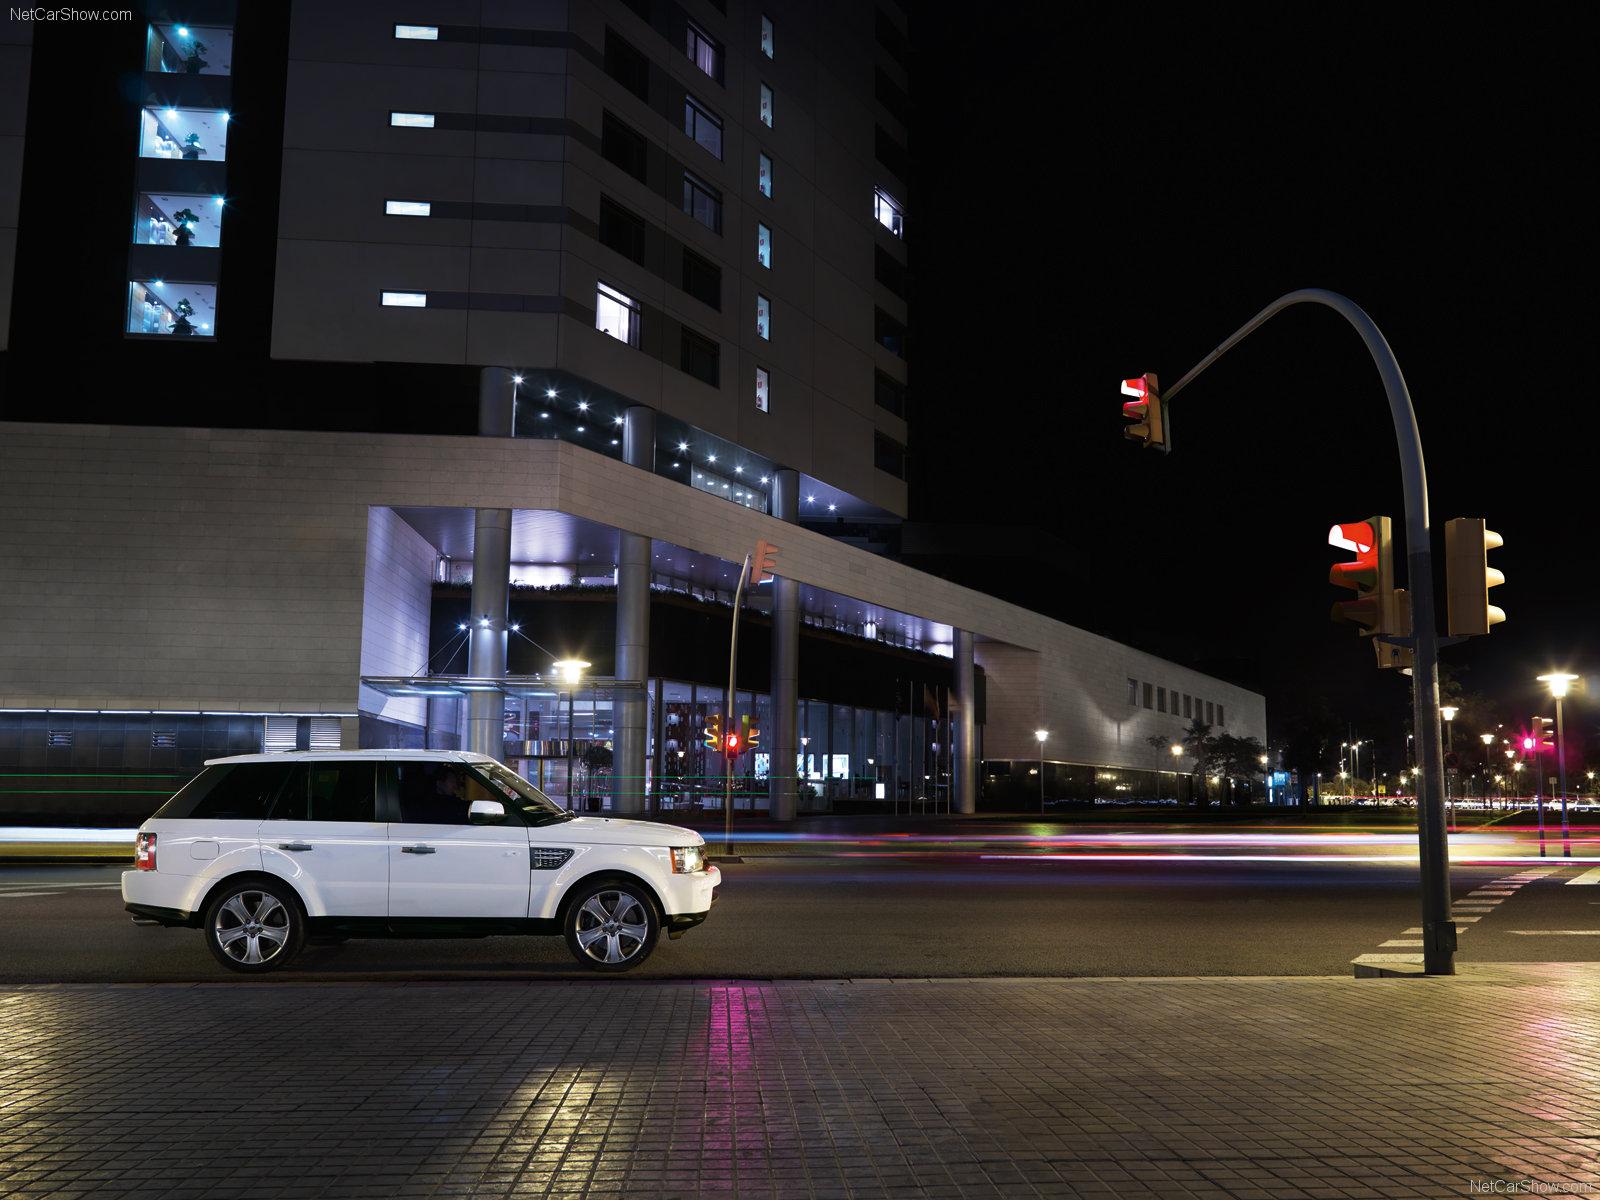 http://1.bp.blogspot.com/-x5bq9pdwPyk/T99qqL_EiWI/AAAAAAAAA98/HRbgFK_3HYw/s1600/Land-Rover-Range-Rover-Sport-1600x1200_wallpaper_05.jpg